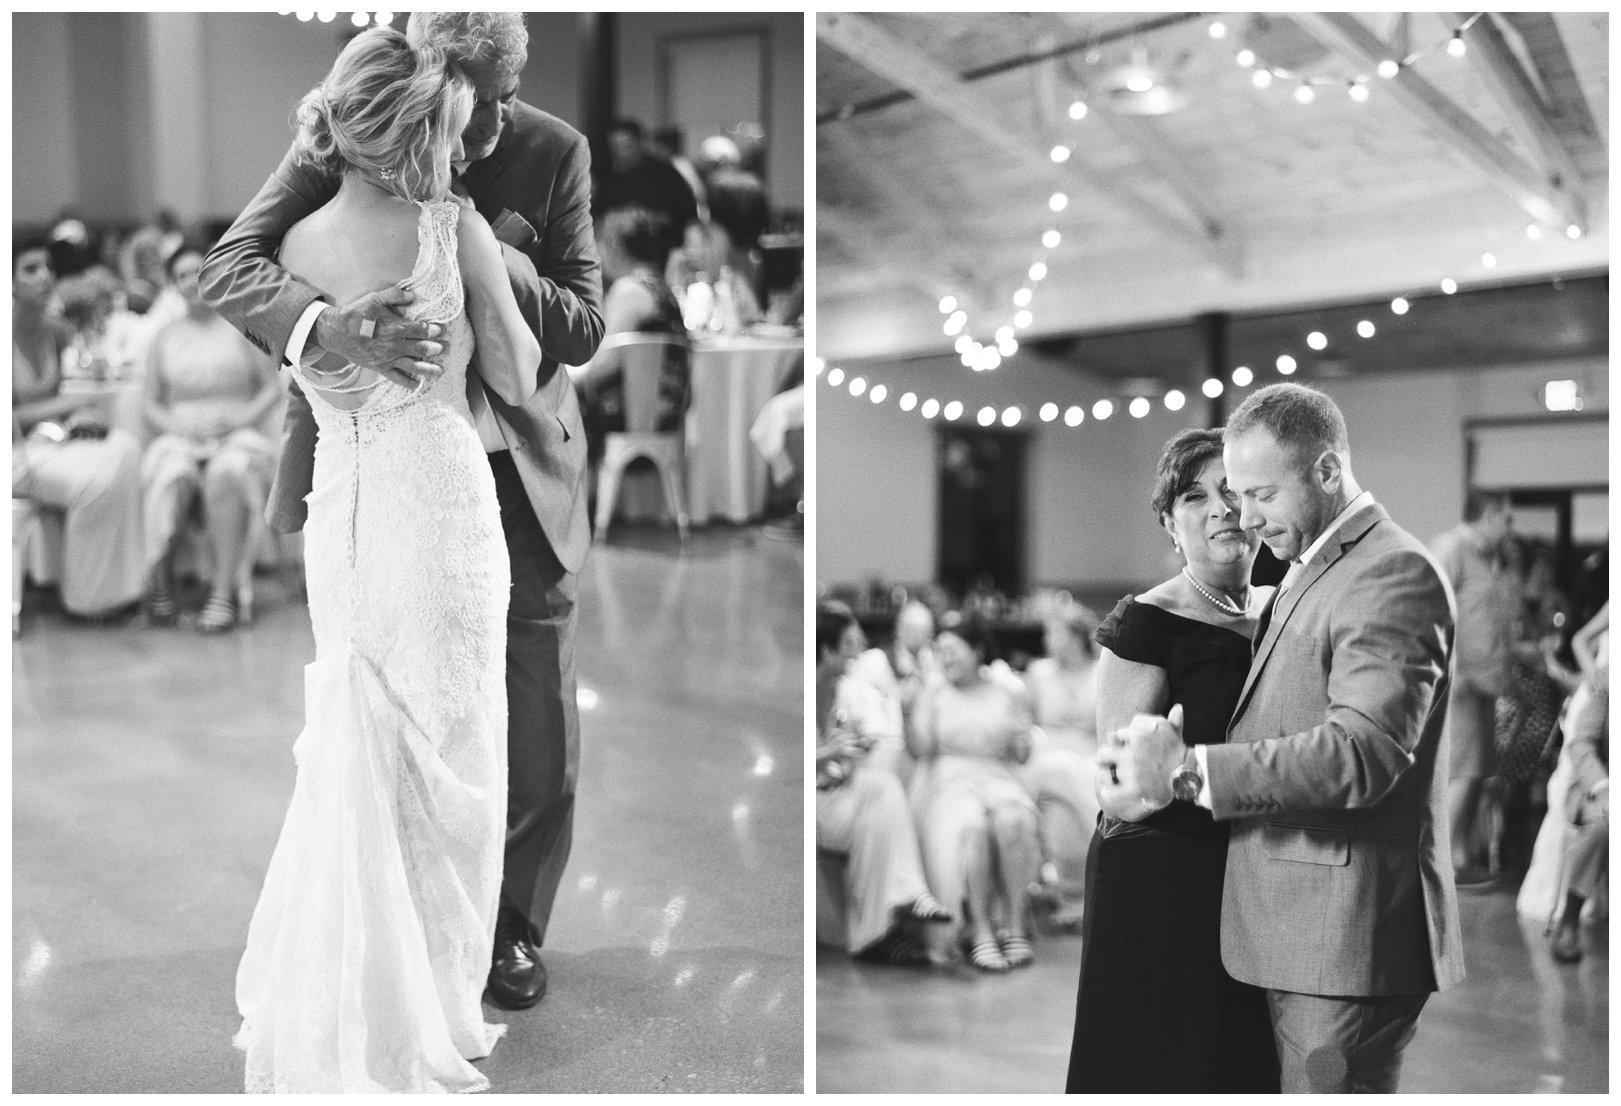 lauren muckler photography_fine art film wedding photography_st louis_photography_2401.jpg